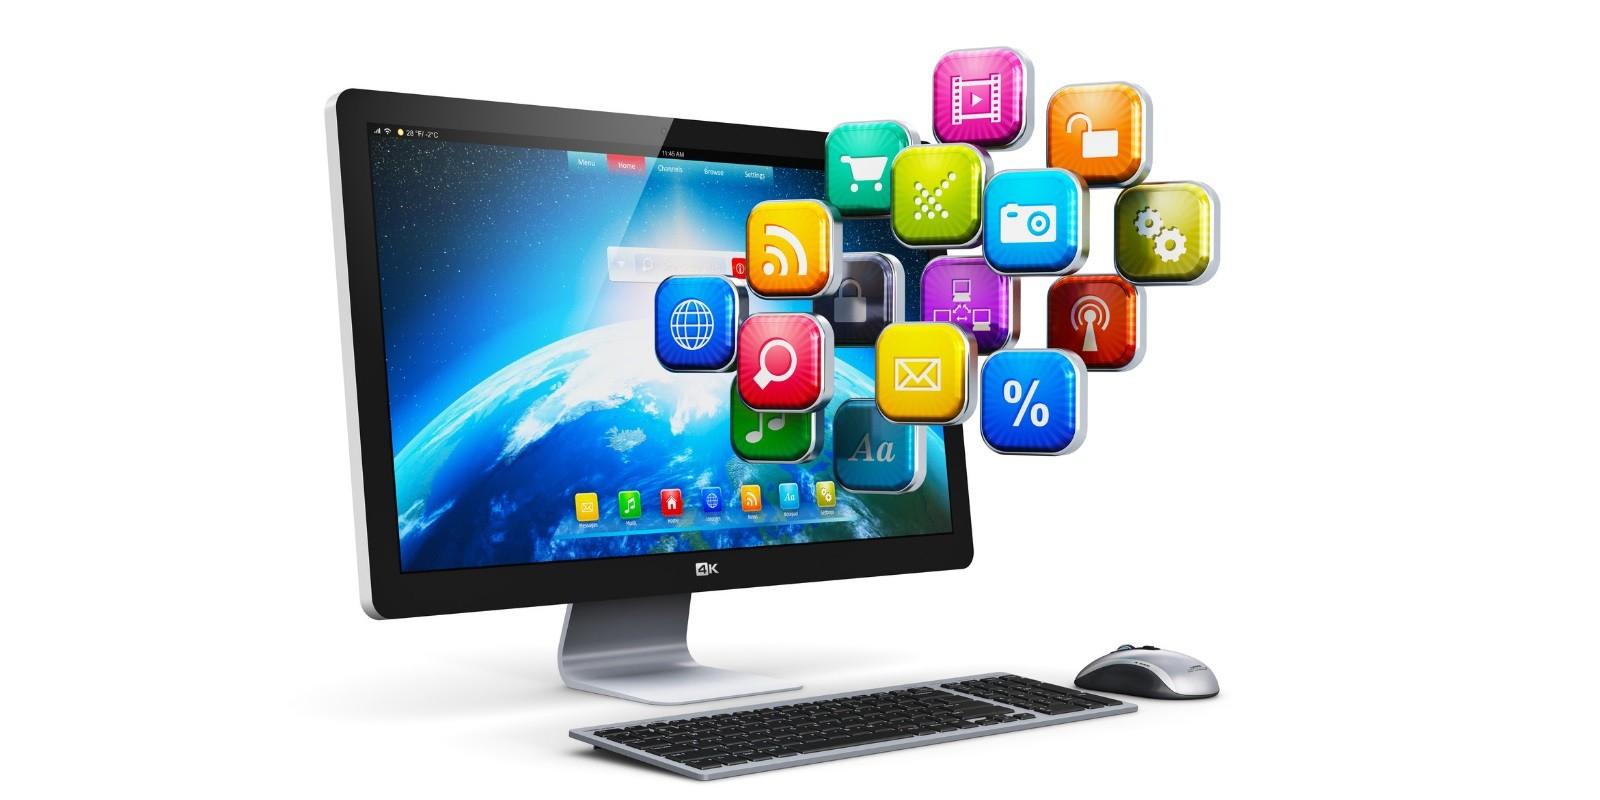 Hướng dẫn cách ẩn phân vùng ổ cứng HDD hoặc USB